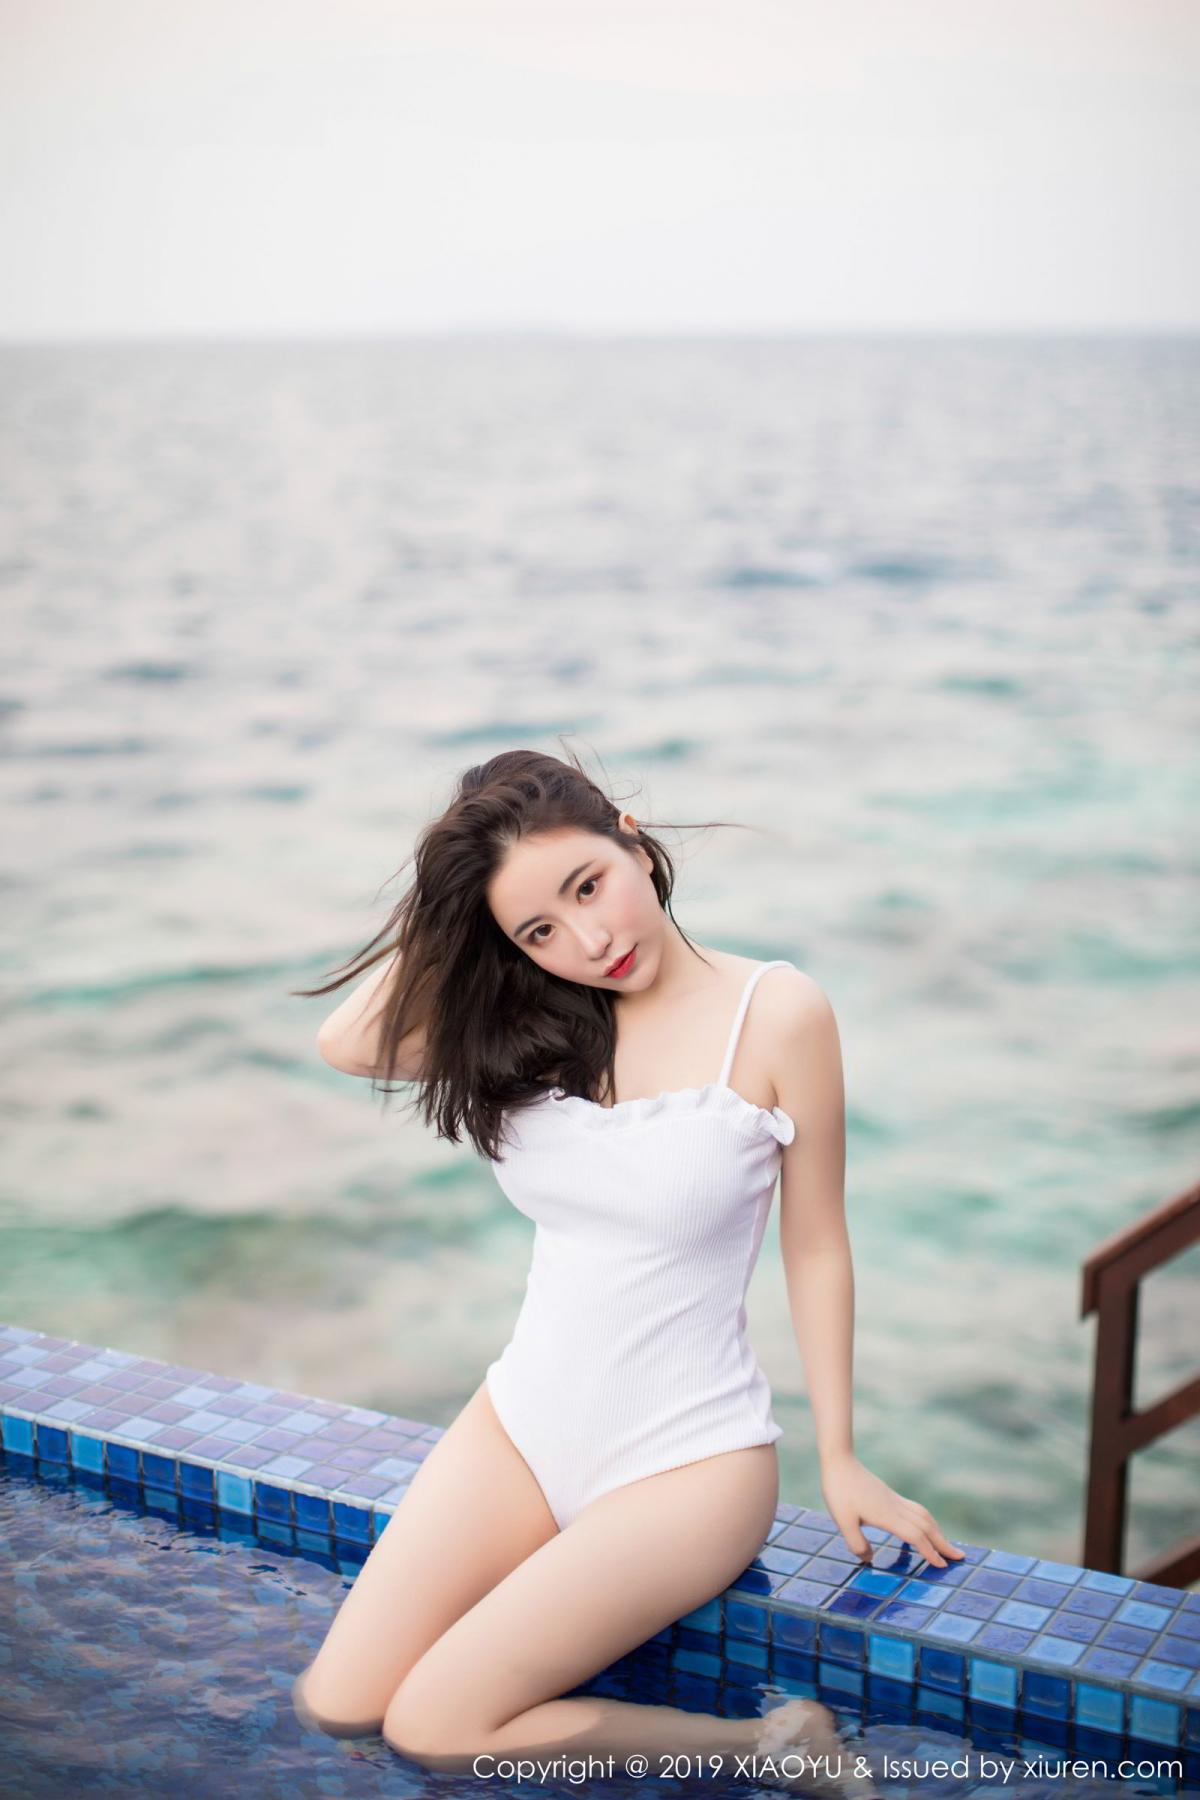 [XiaoYu] Vol.071 Xie Zhi Xin 22P, Bikini, XiaoYu, Xie Zhi Xin